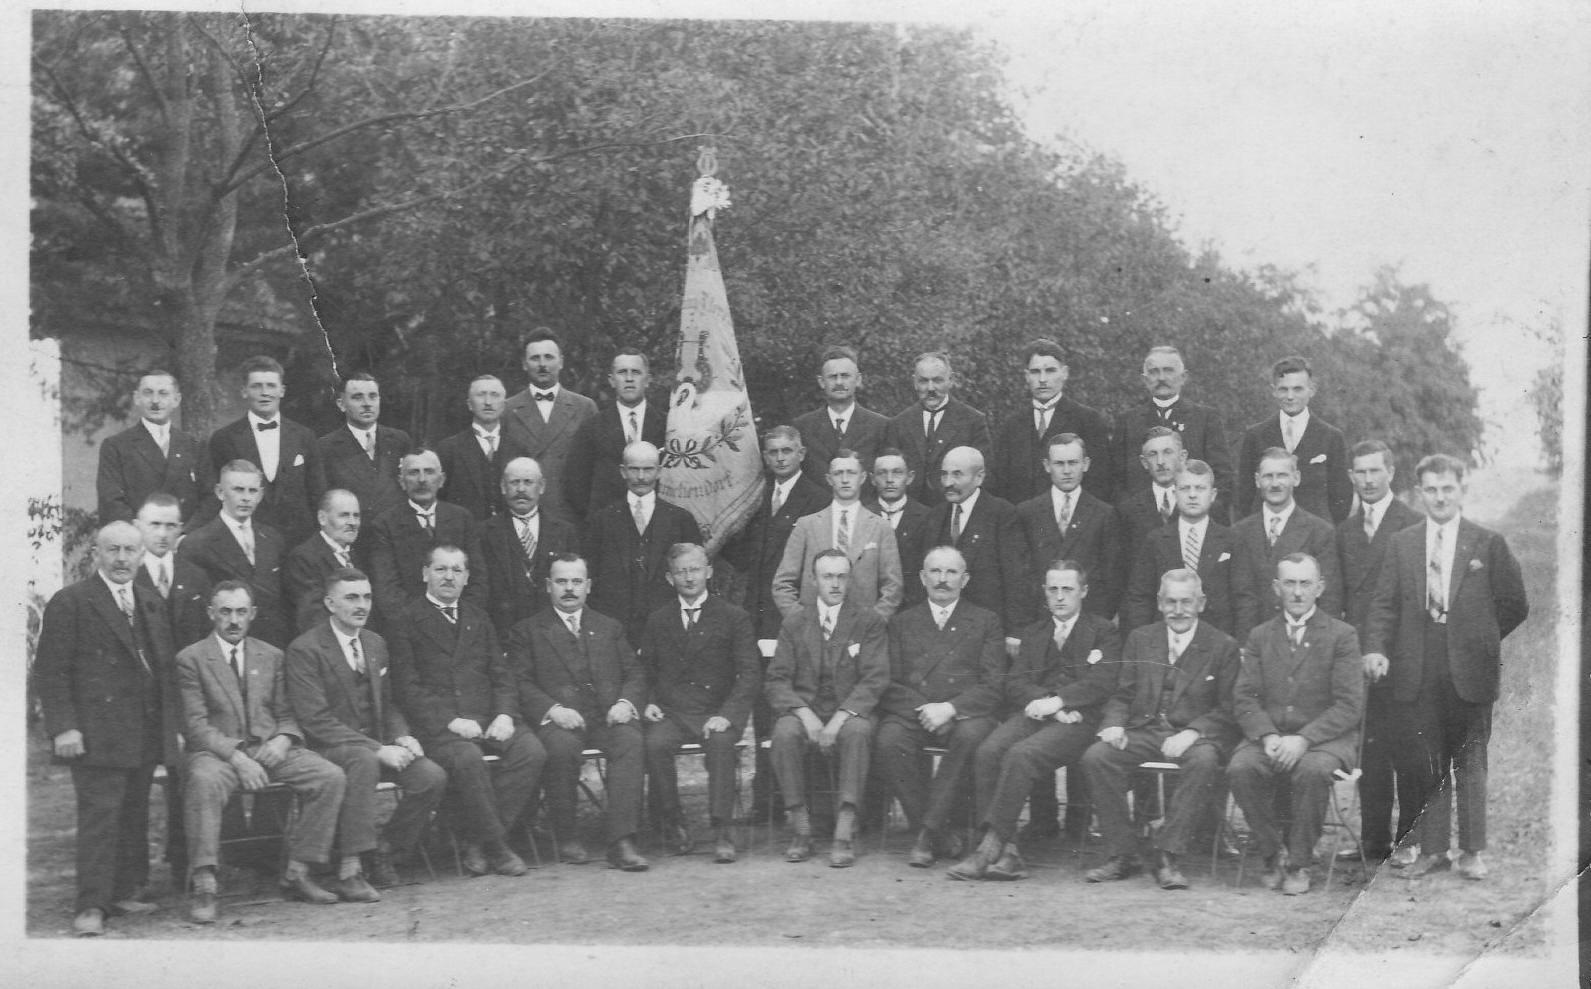 Männerchor Frohsinn im Jahre 1930 gegründet  1891